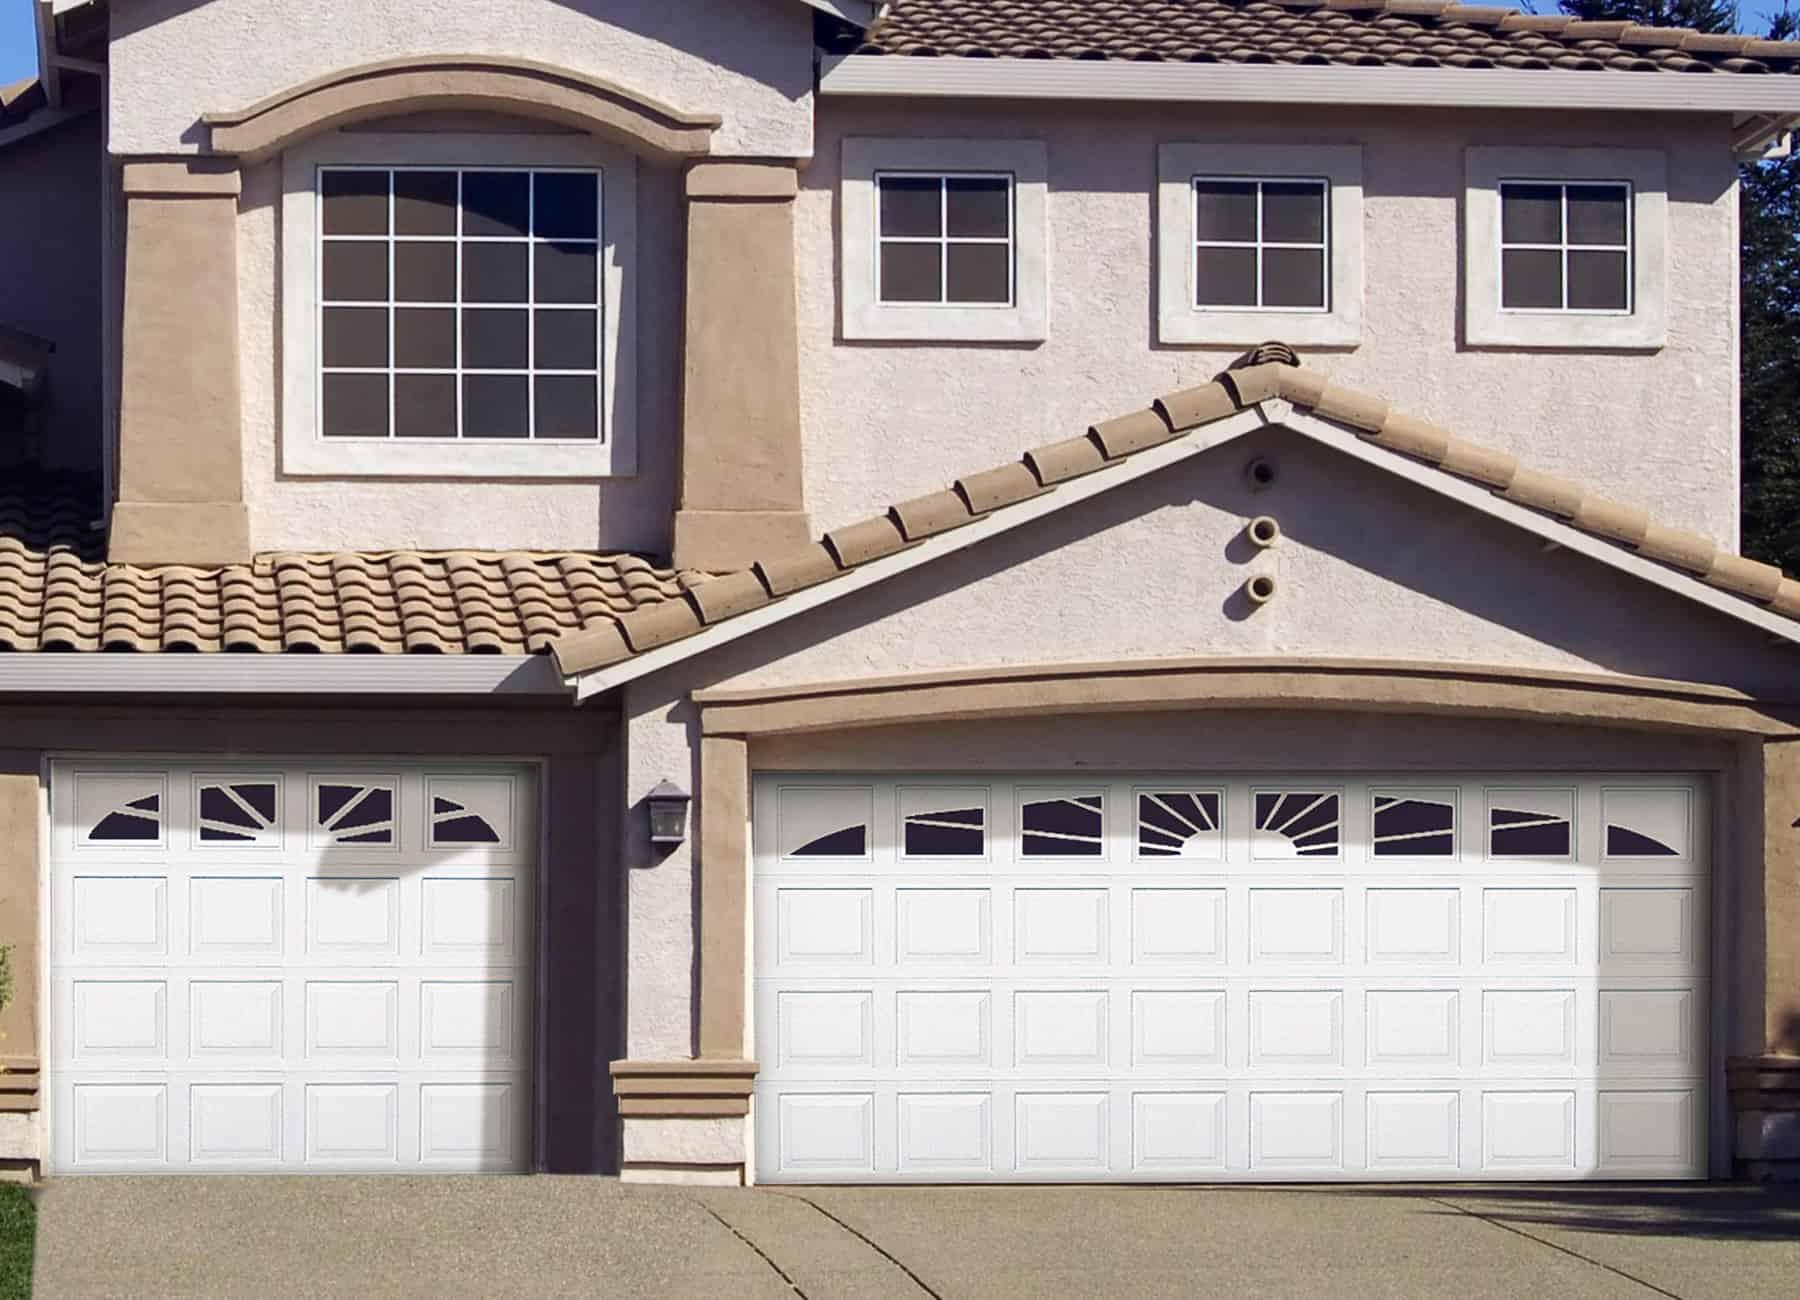 , Durafirm Collection® Garage Doors, Overhead Door Company of Battle Creek Jackson & Ann Arbor